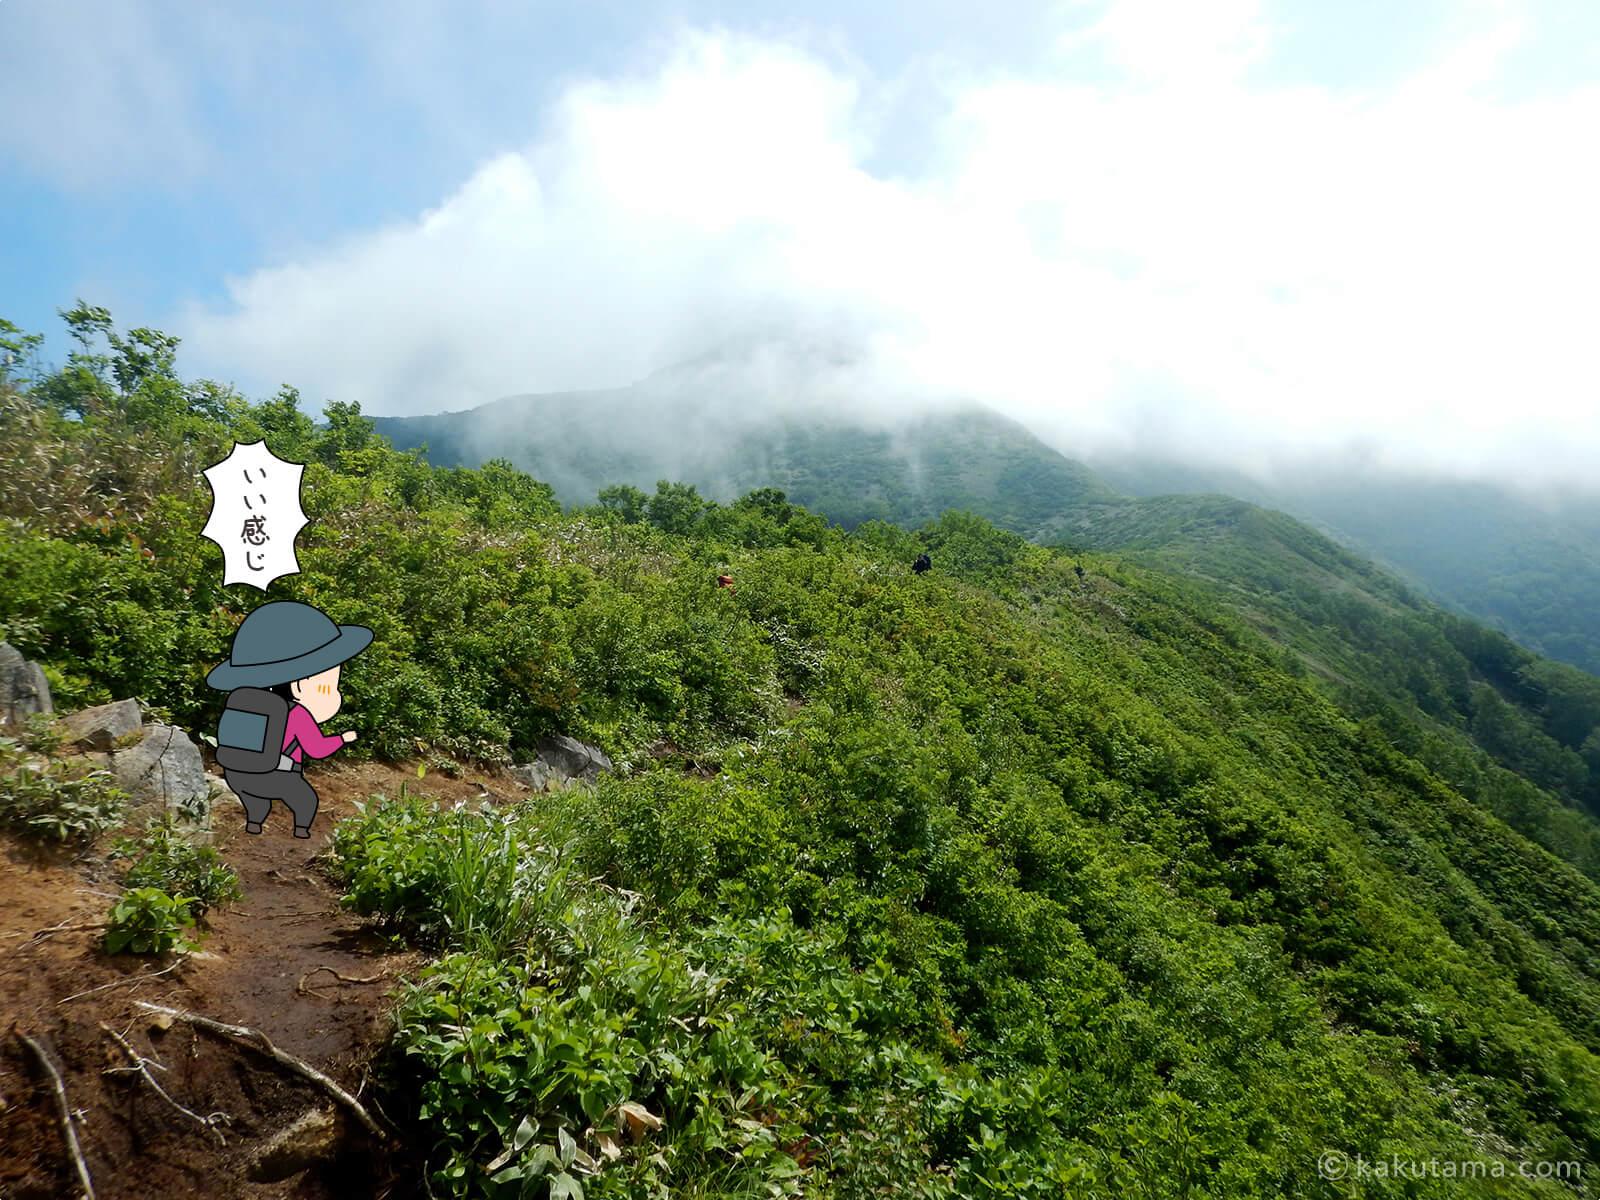 松手山から平標山山頂まで2